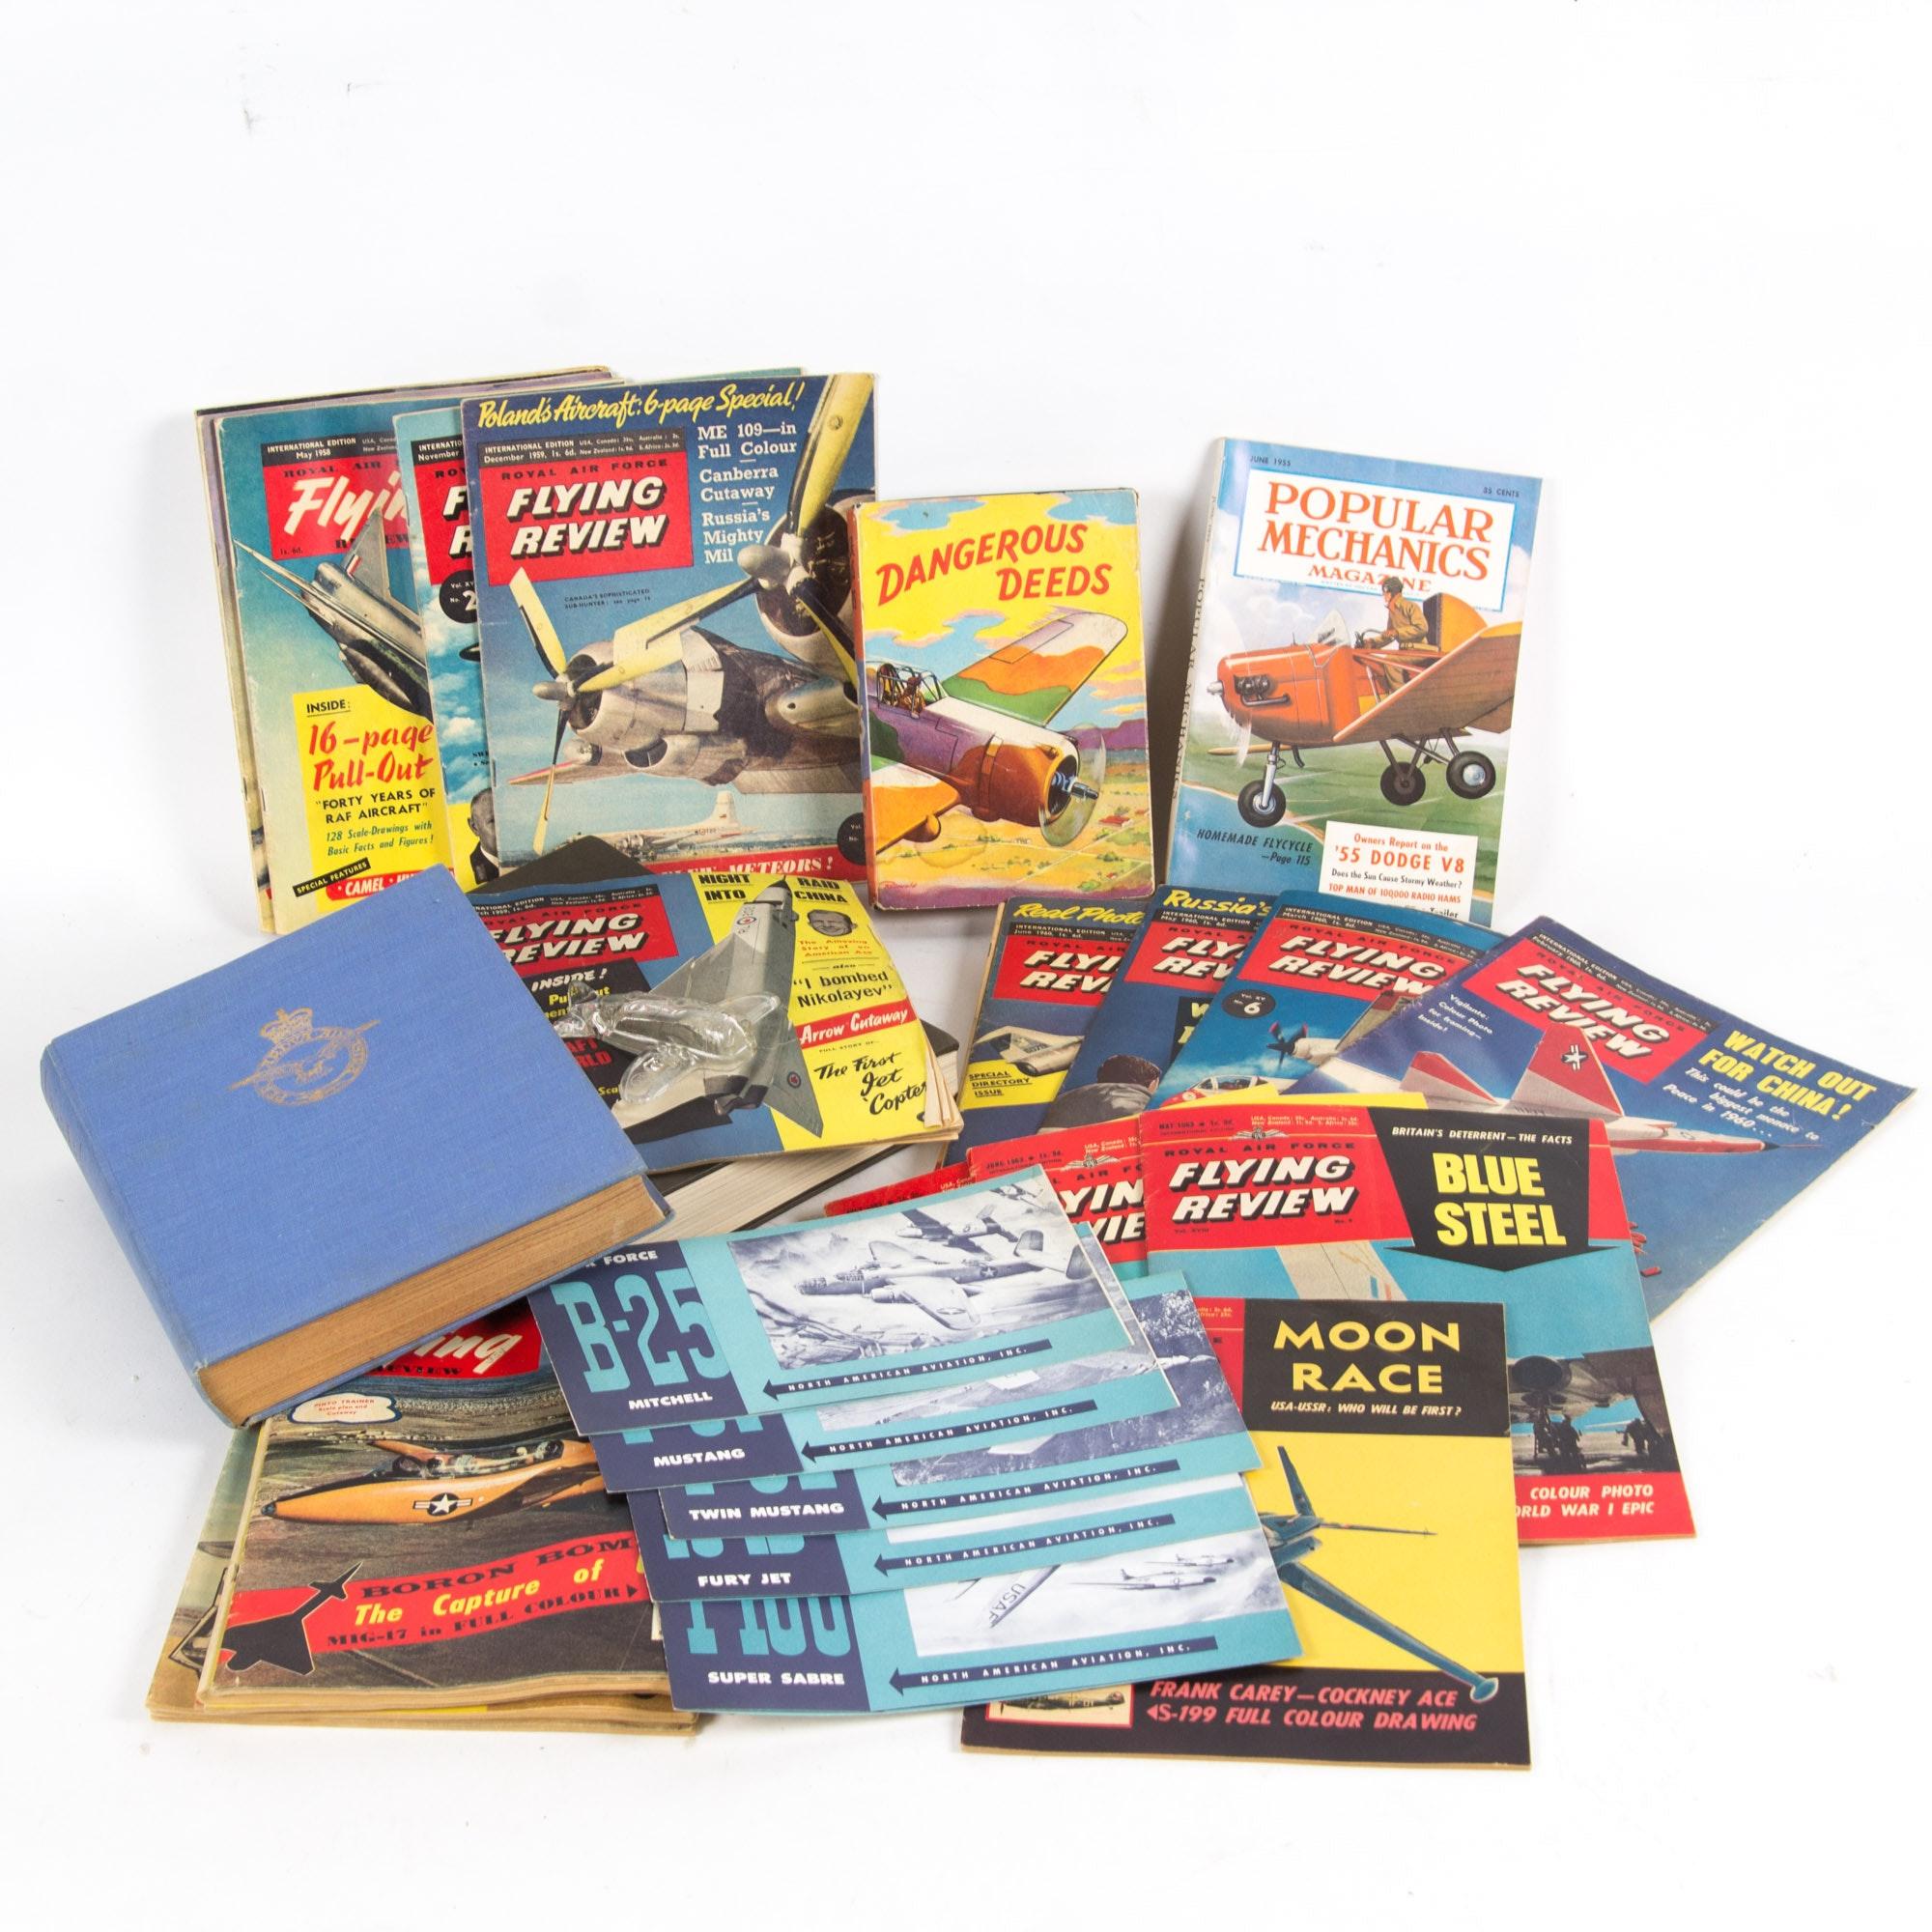 Assortment of Vintage Flying Themed Magazines and Ephemera